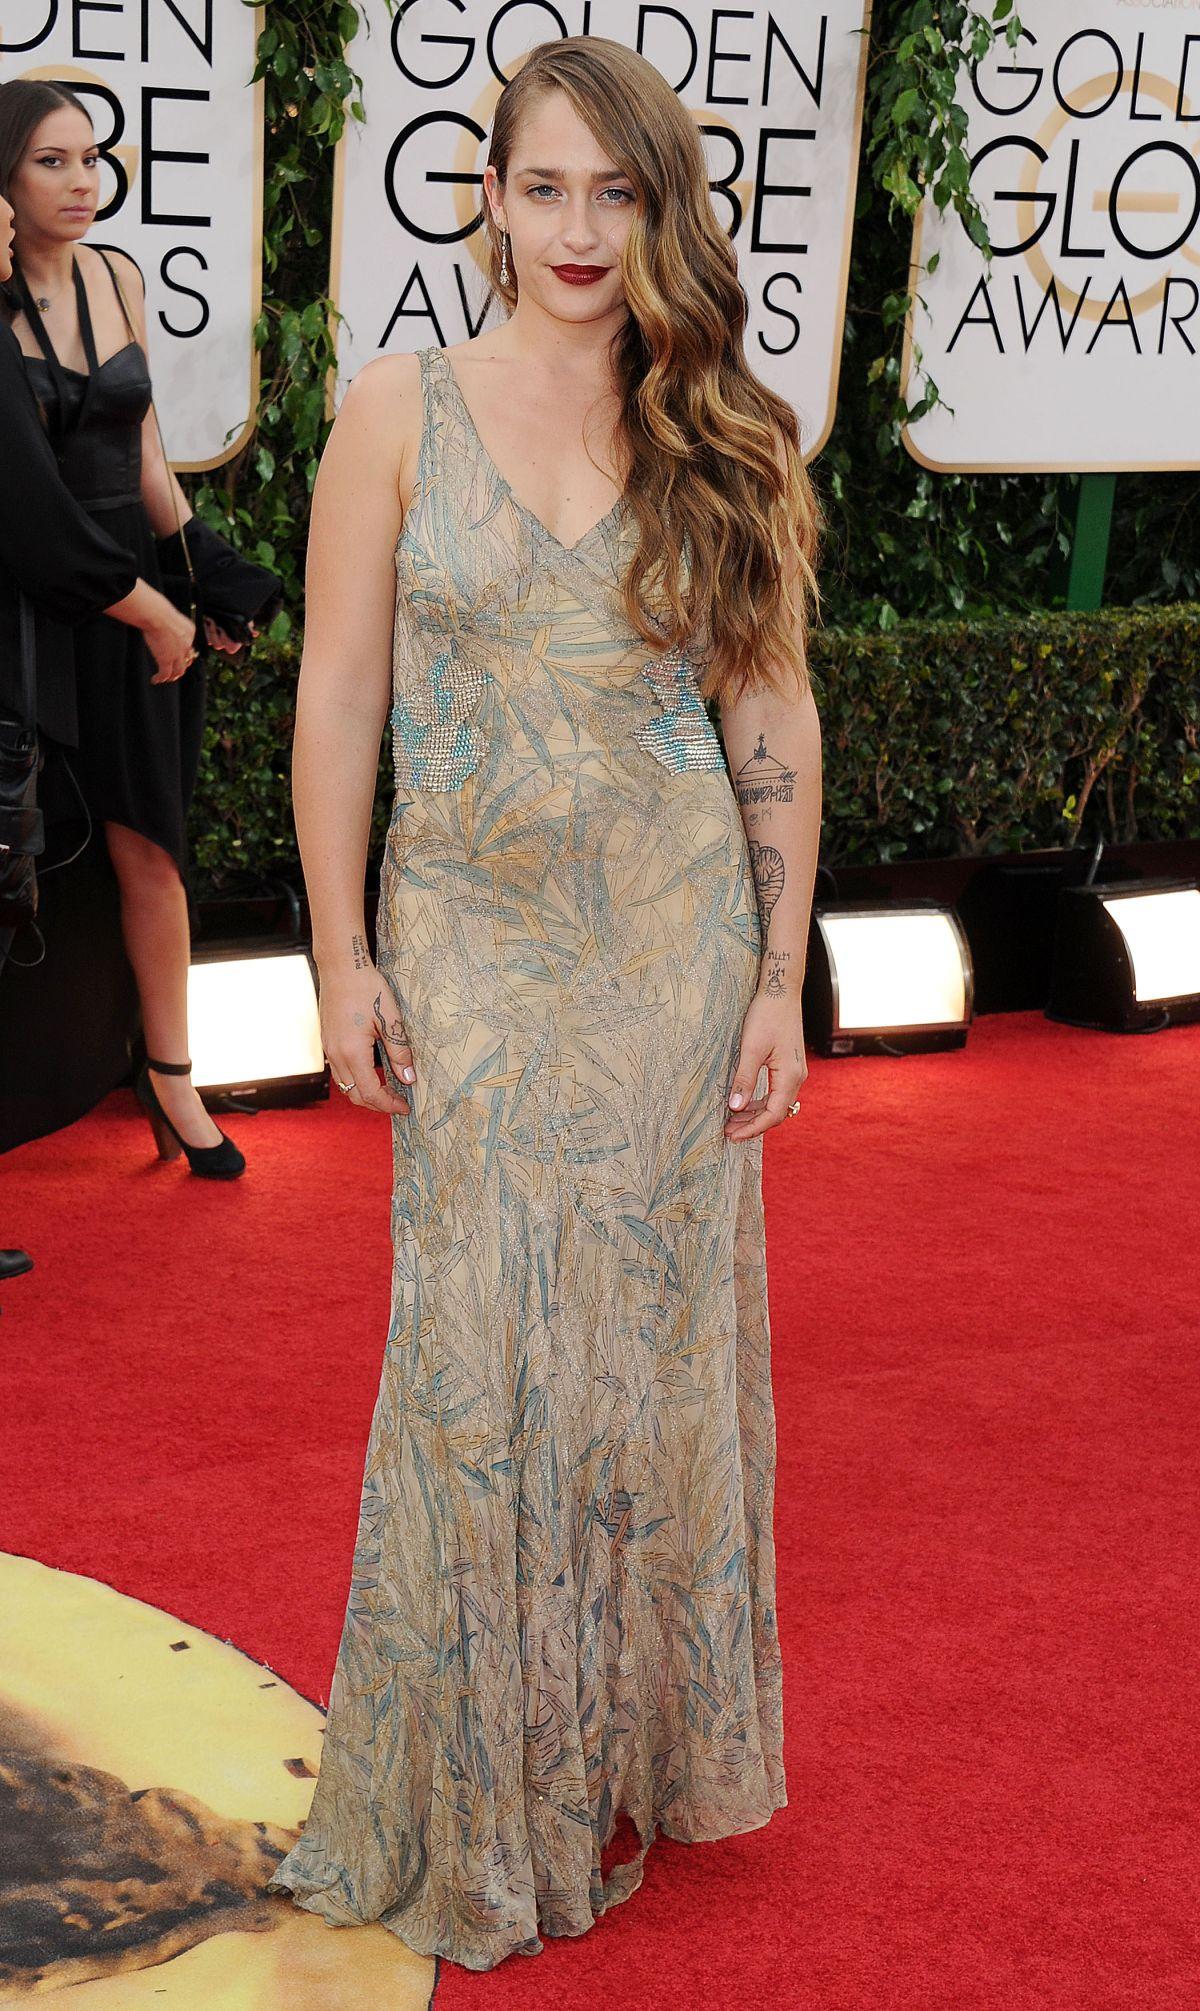 JEMIMA KIRKE at 71st Annual Golden Globe Awards